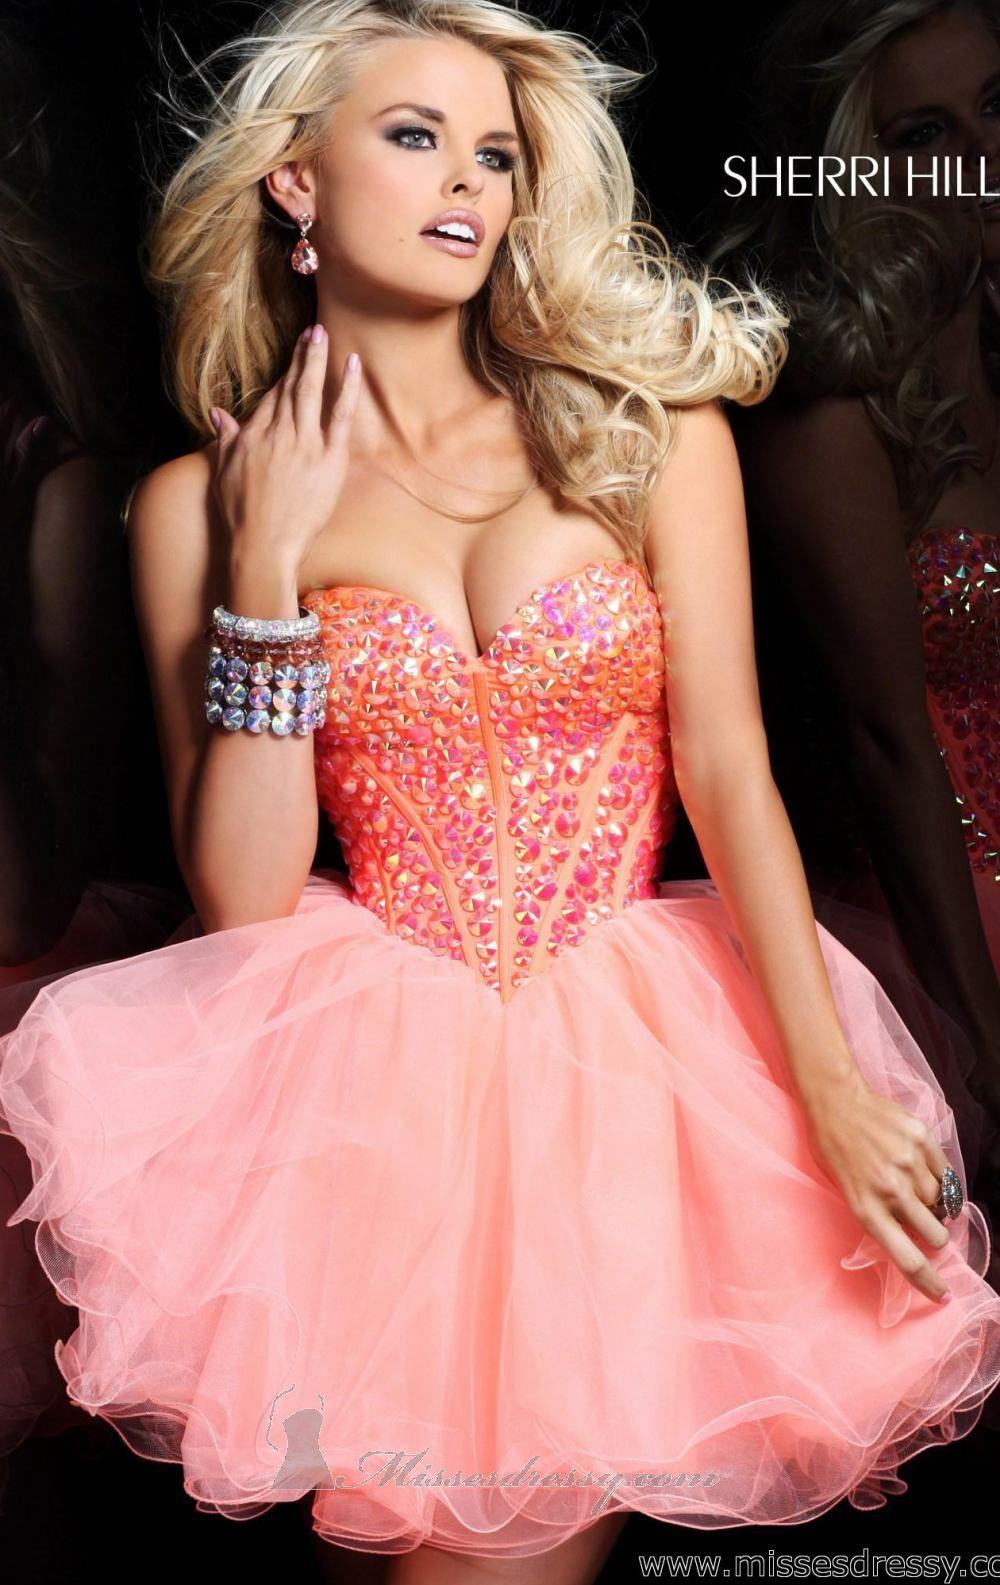 Sherri Hill 21101 Dress - MissesDressy.com